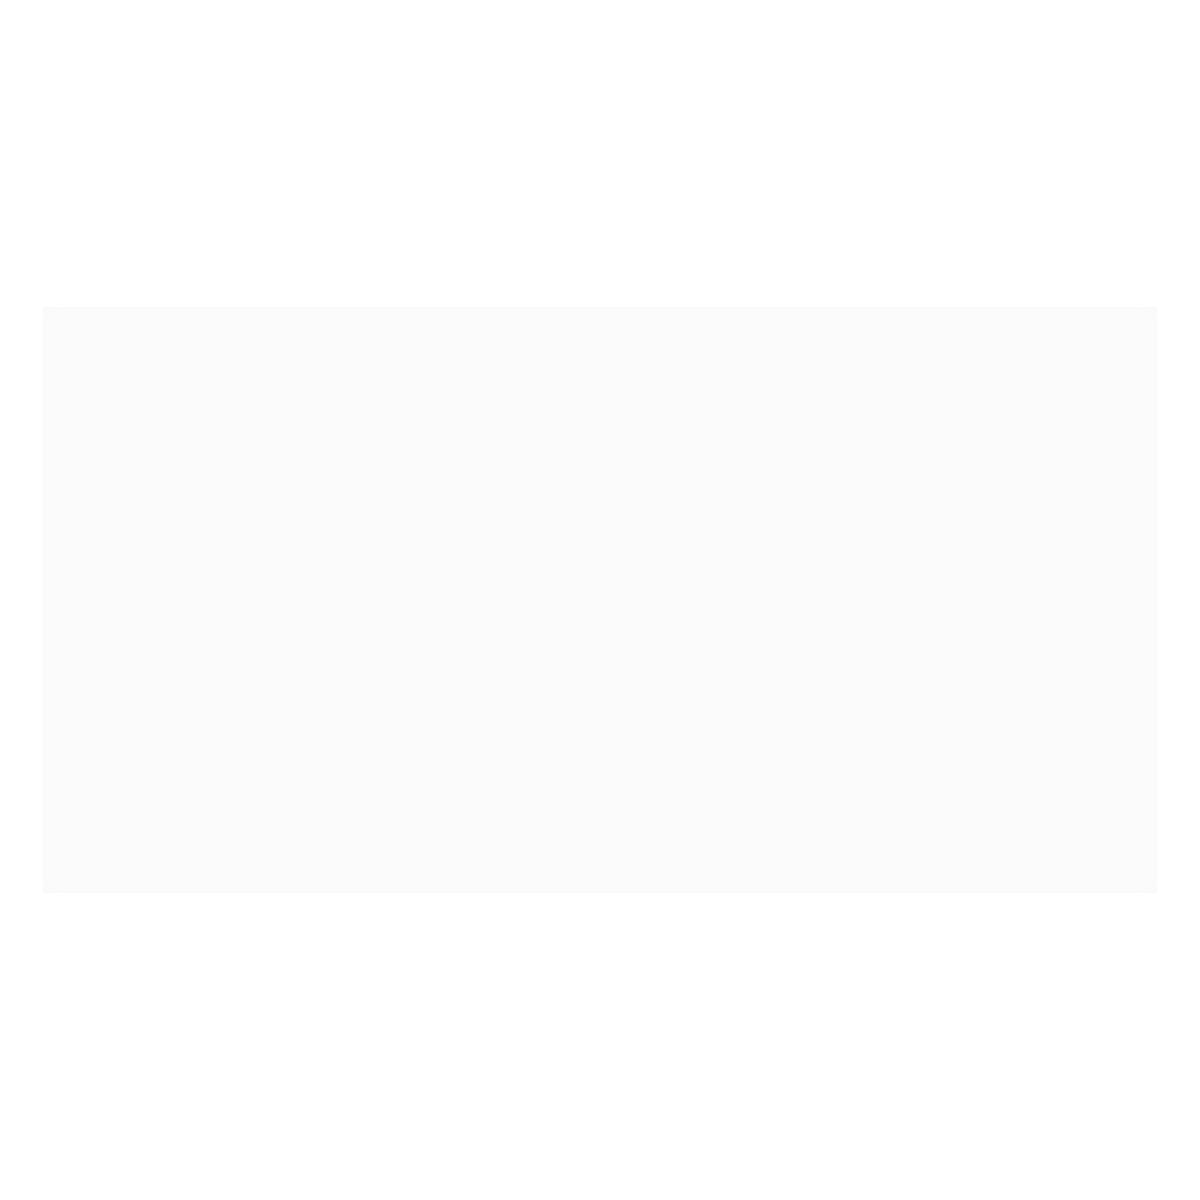 Mayólica Nuvola Gris Brillante - 33.8X64.3 cm - 1.52 m2